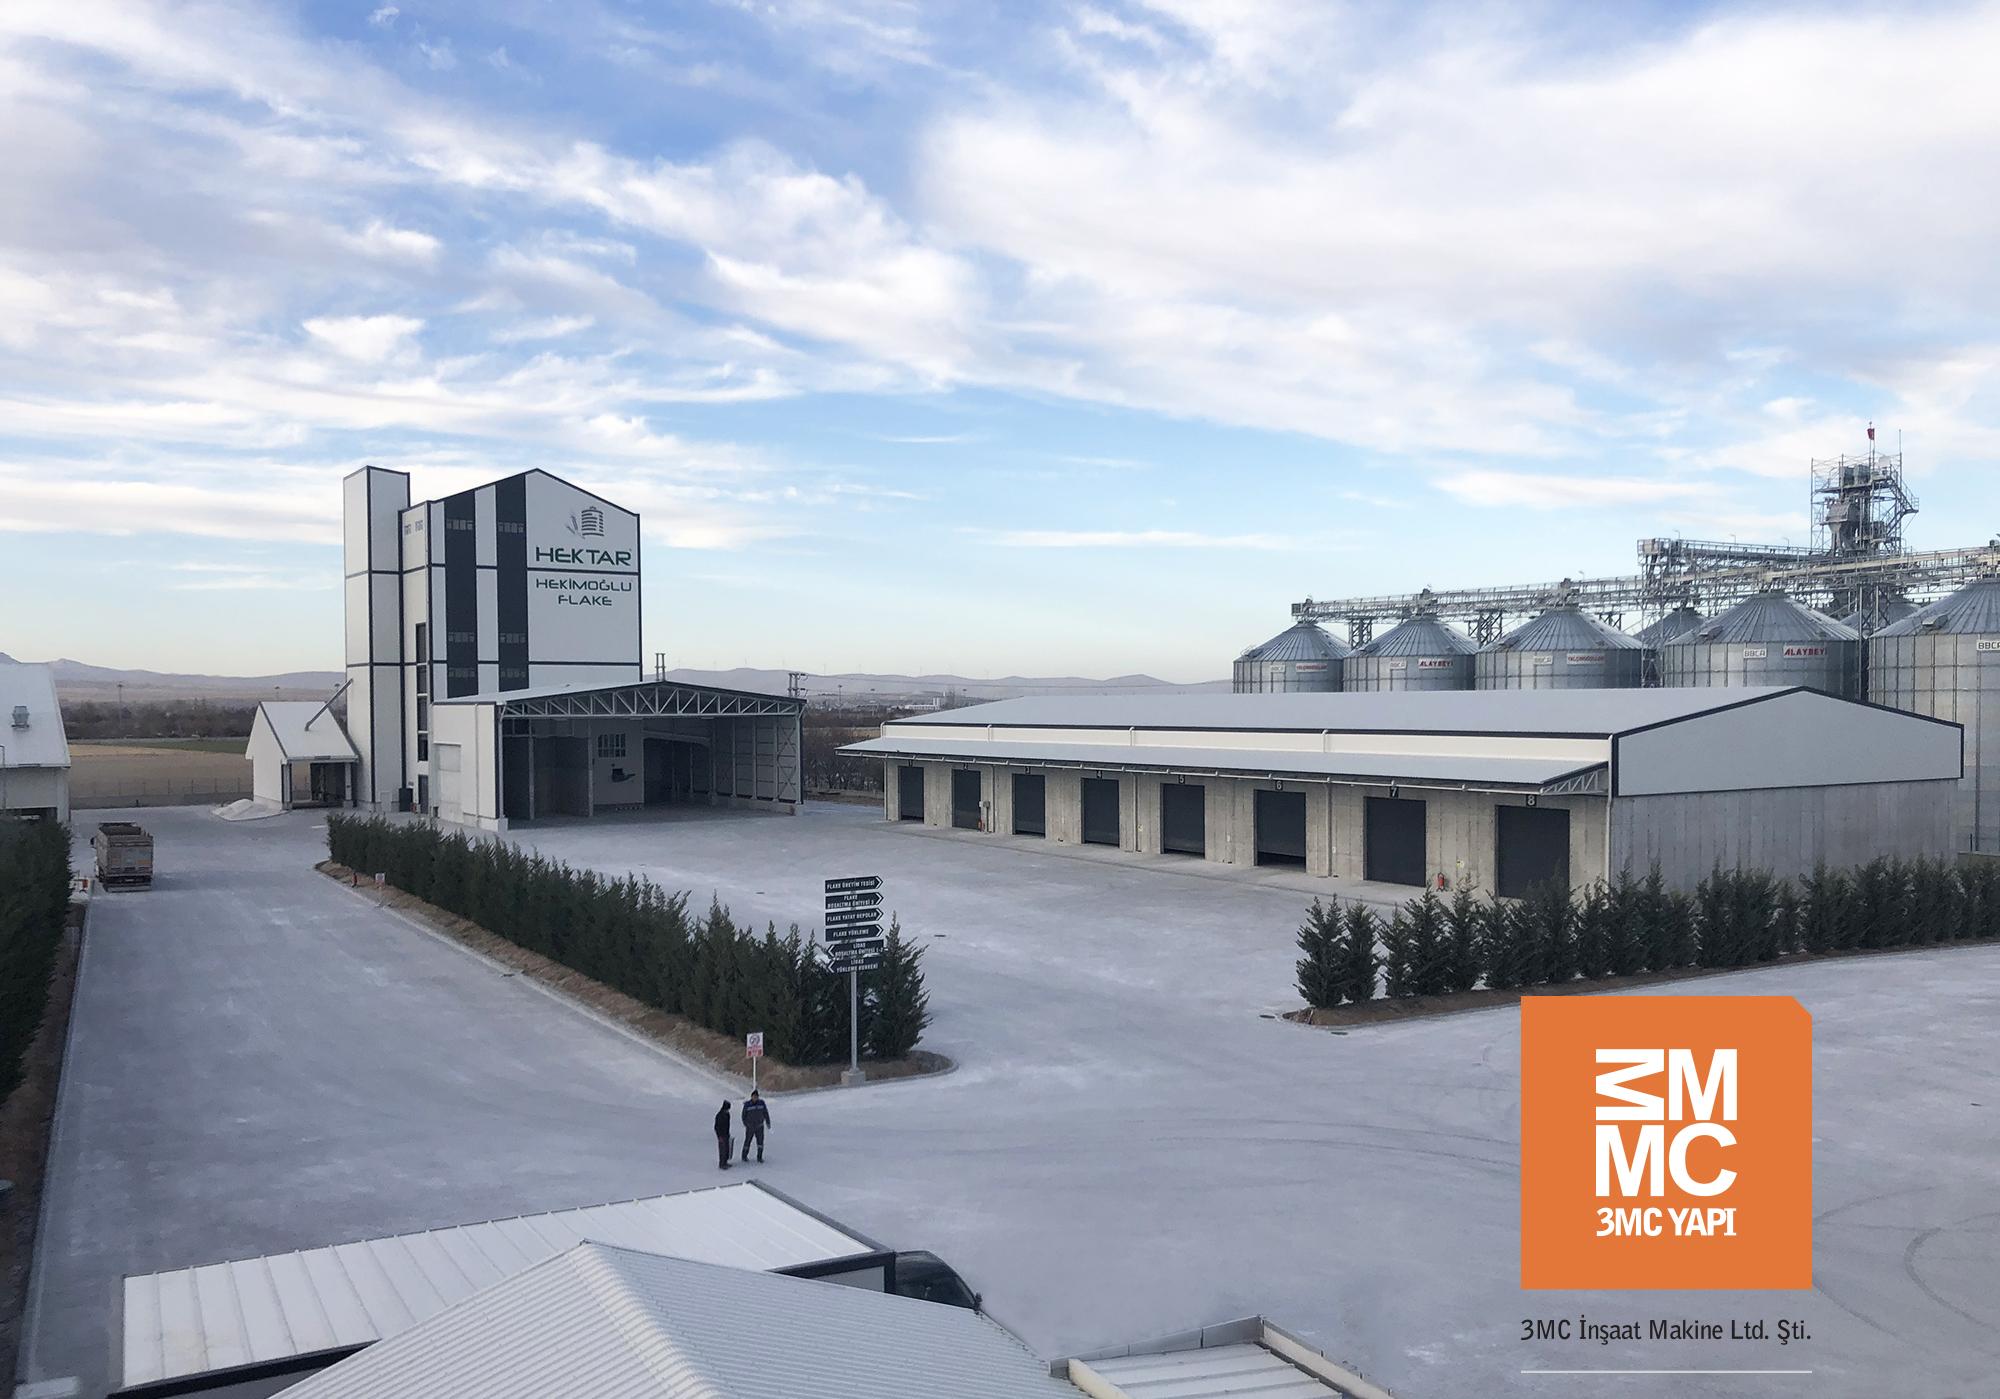 Hektar Hekimoğlu Tarım Ürünleri San. ve Tic. A.Ş. Flake Tesisi ve Sundurması - Yatay Depoları || 3MC Yapı